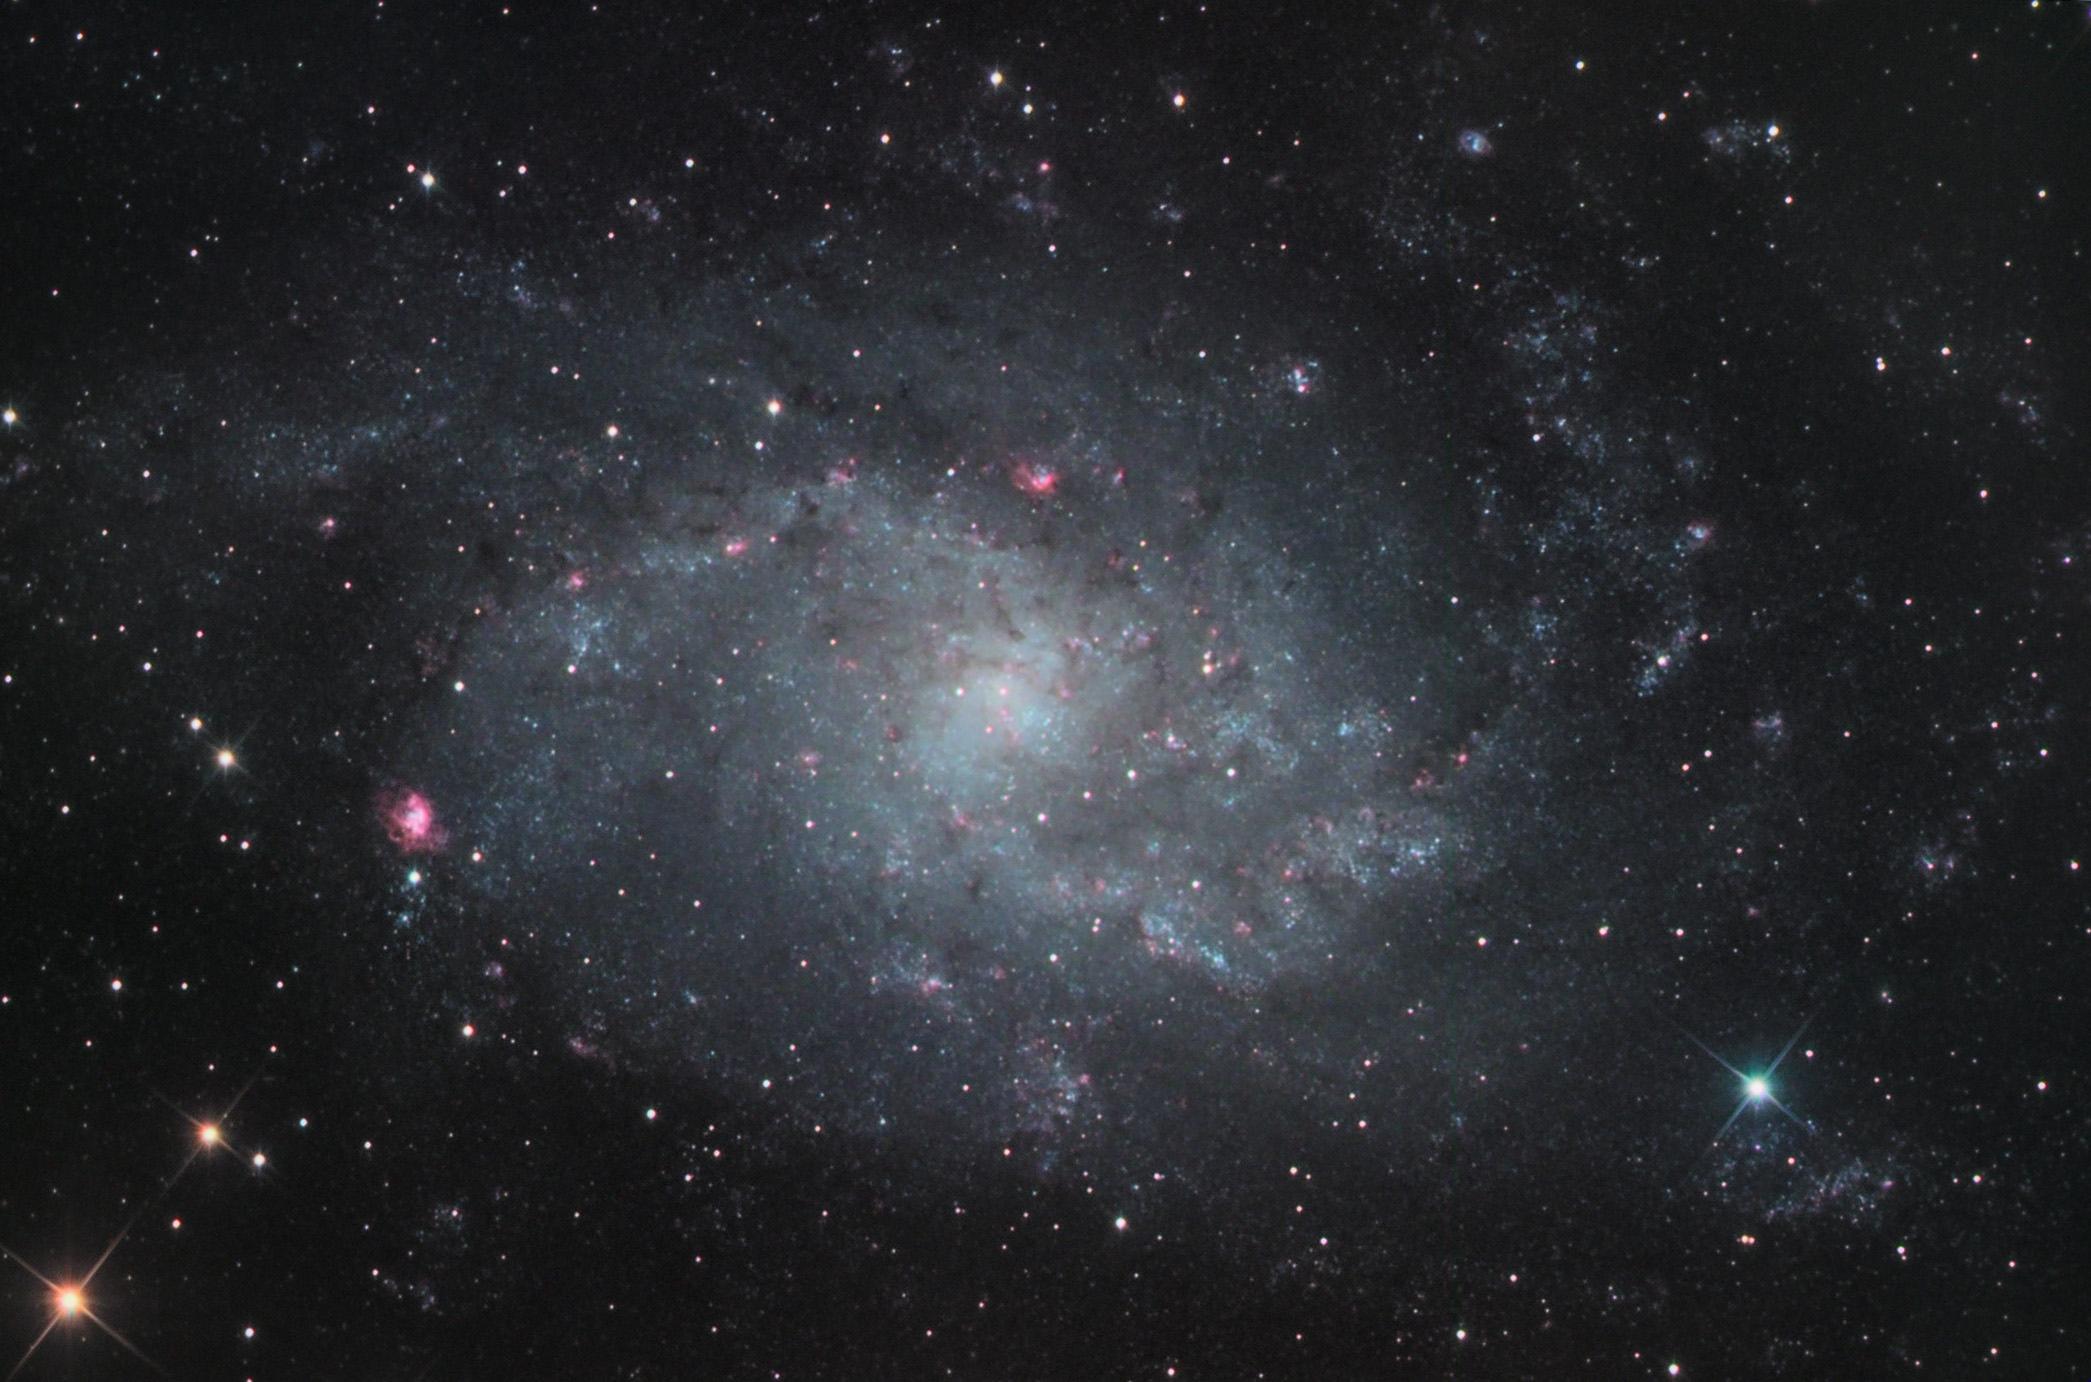 ngc 604, une nébuleuse extra-galactique ! 30253665096_424eb5ffe1_o